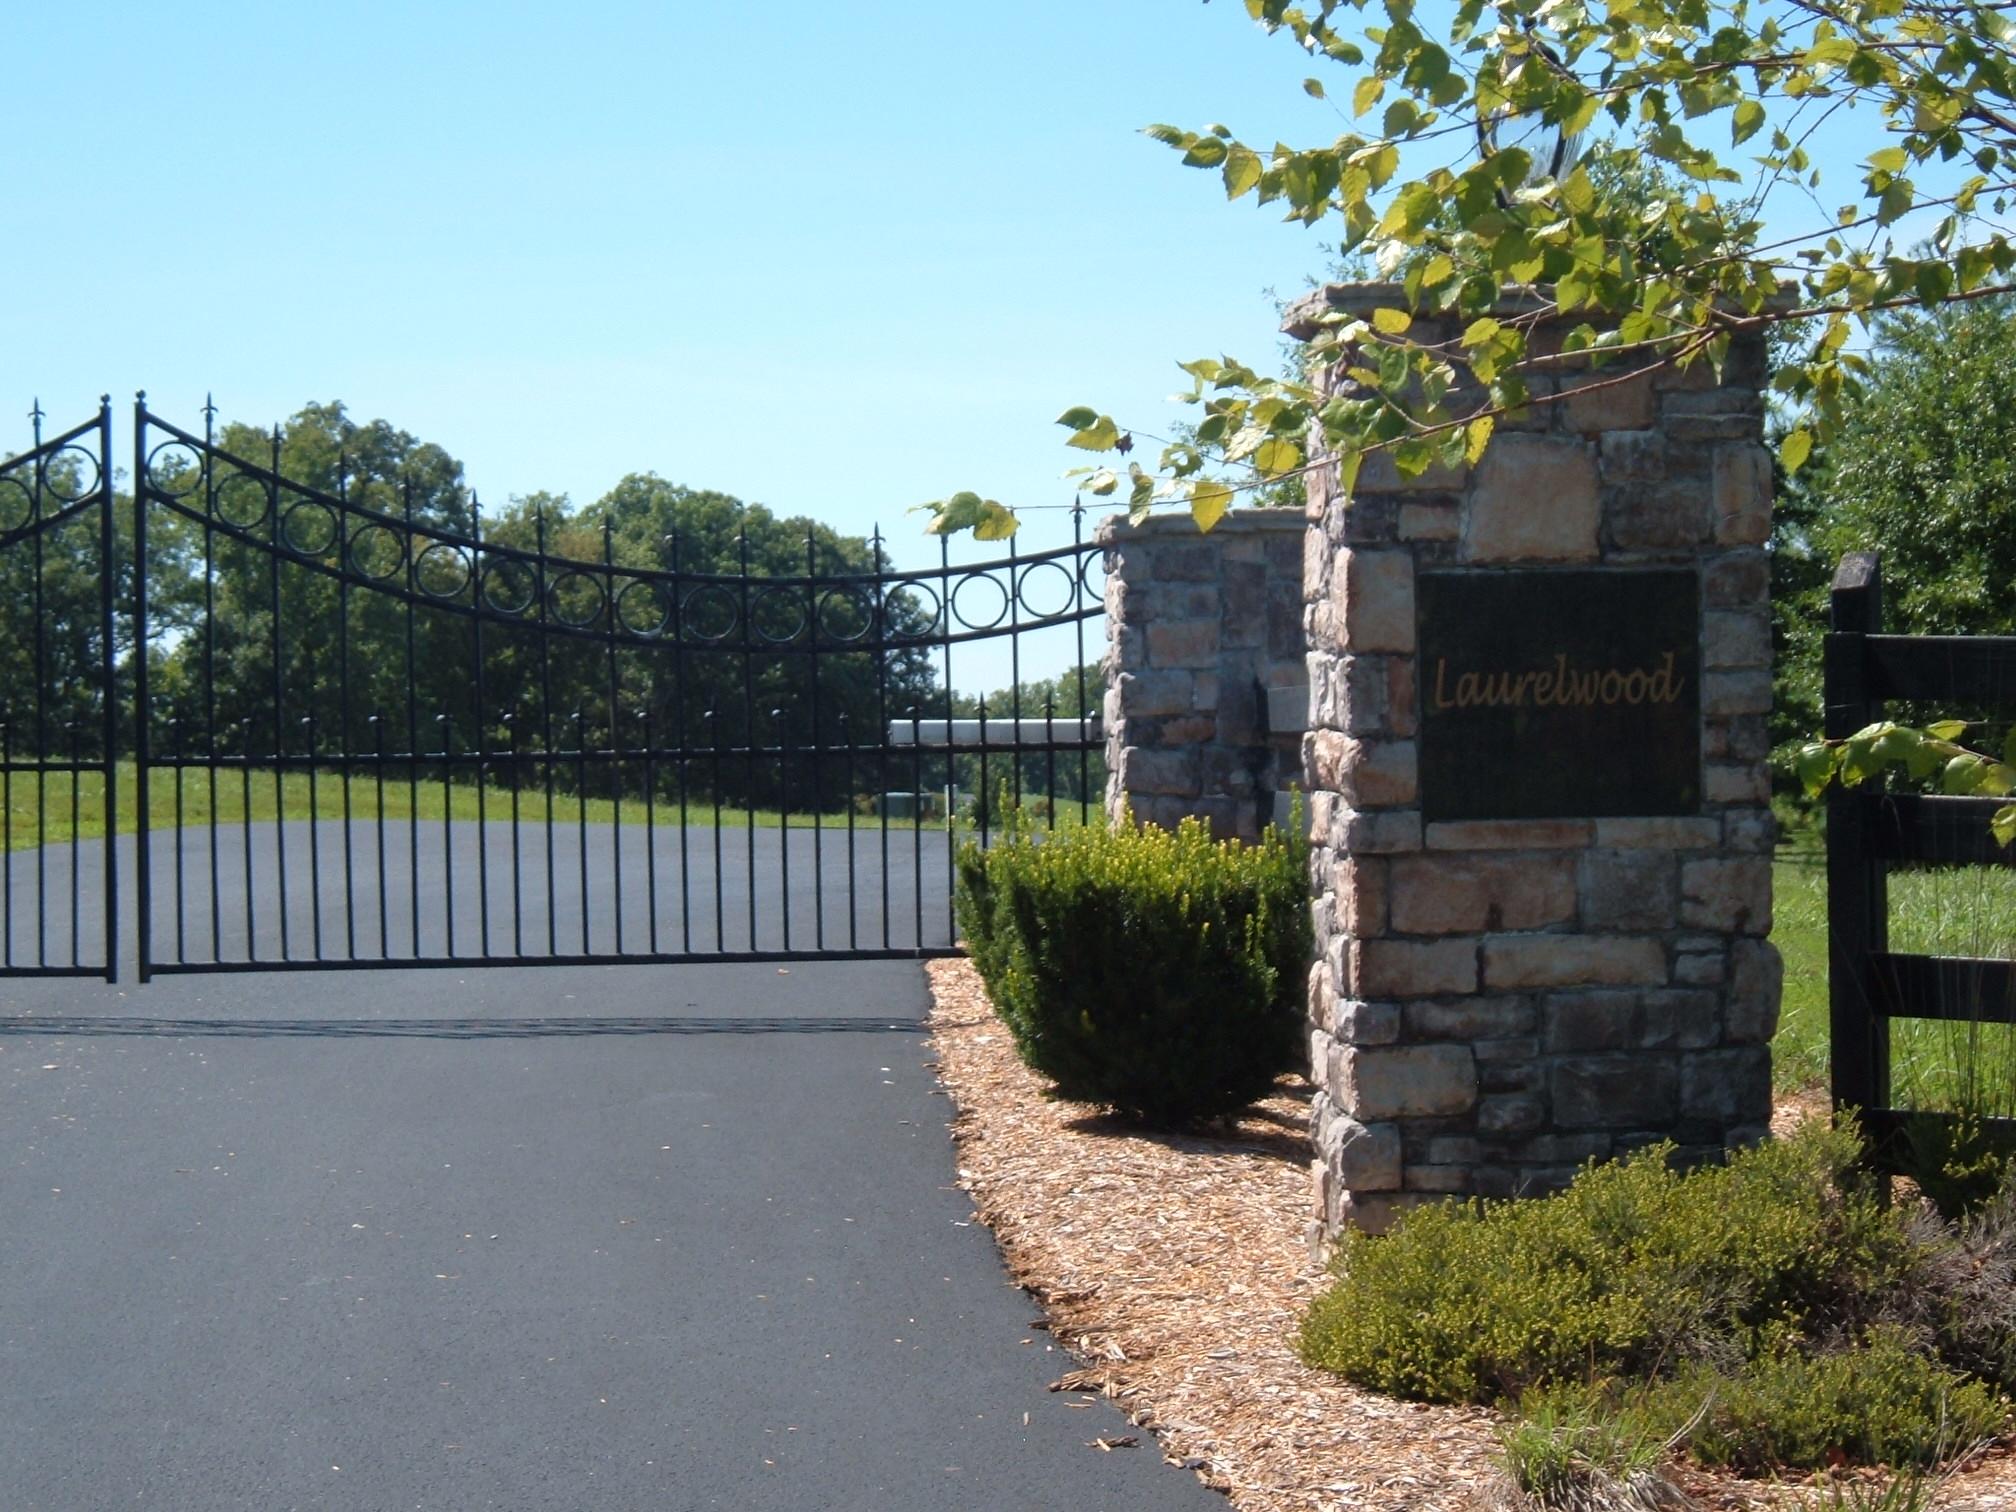 Lot 45 Laurel Wood Estates, Nancy, KY 42544